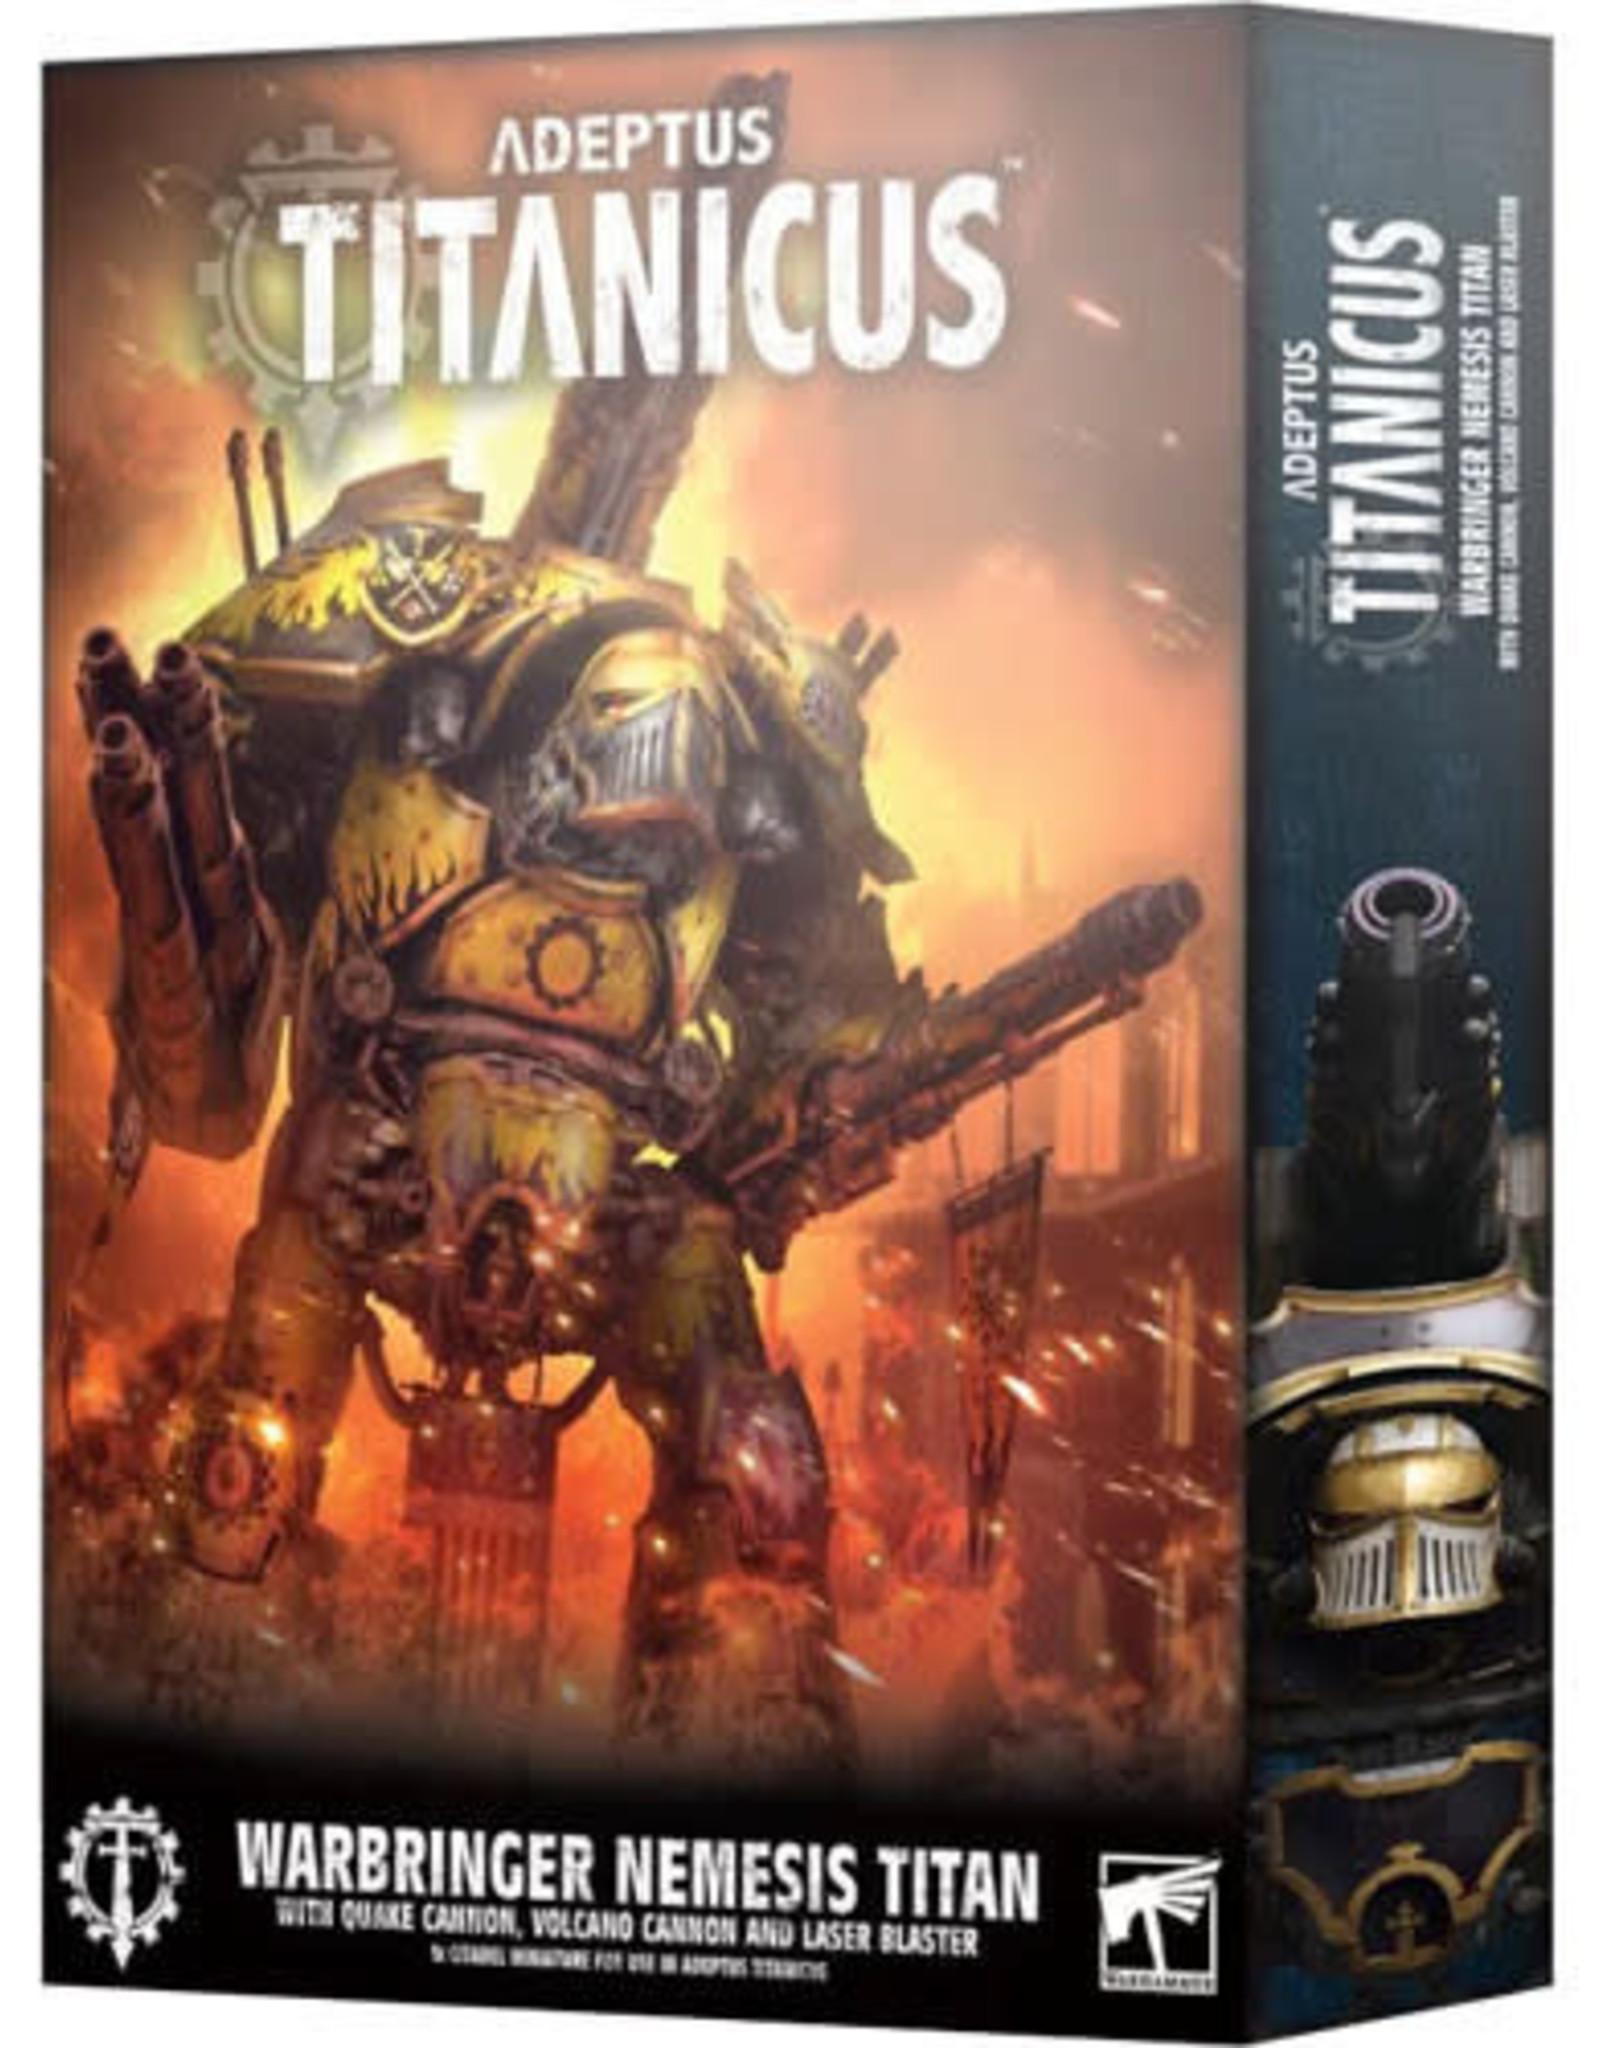 Adeptus Titanicus Warbringer Nemesis Titan W/Quake Cannon